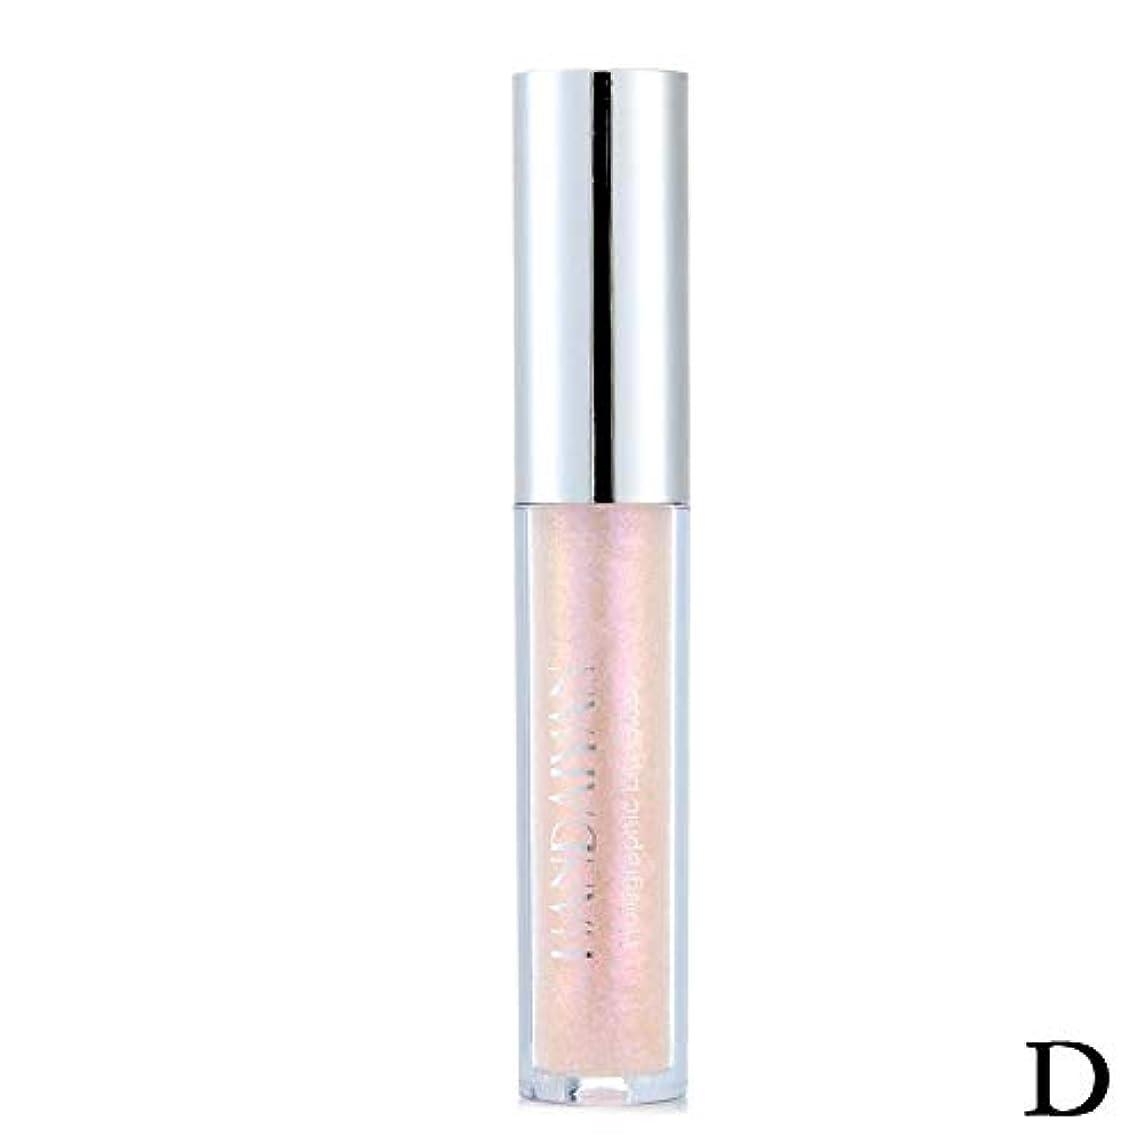 統合する鋼世界的にBETTER YOU (ベター ュー) 偏光リップグレーズ、栄養唇、化粧なし、防水性、非粘着性カップ